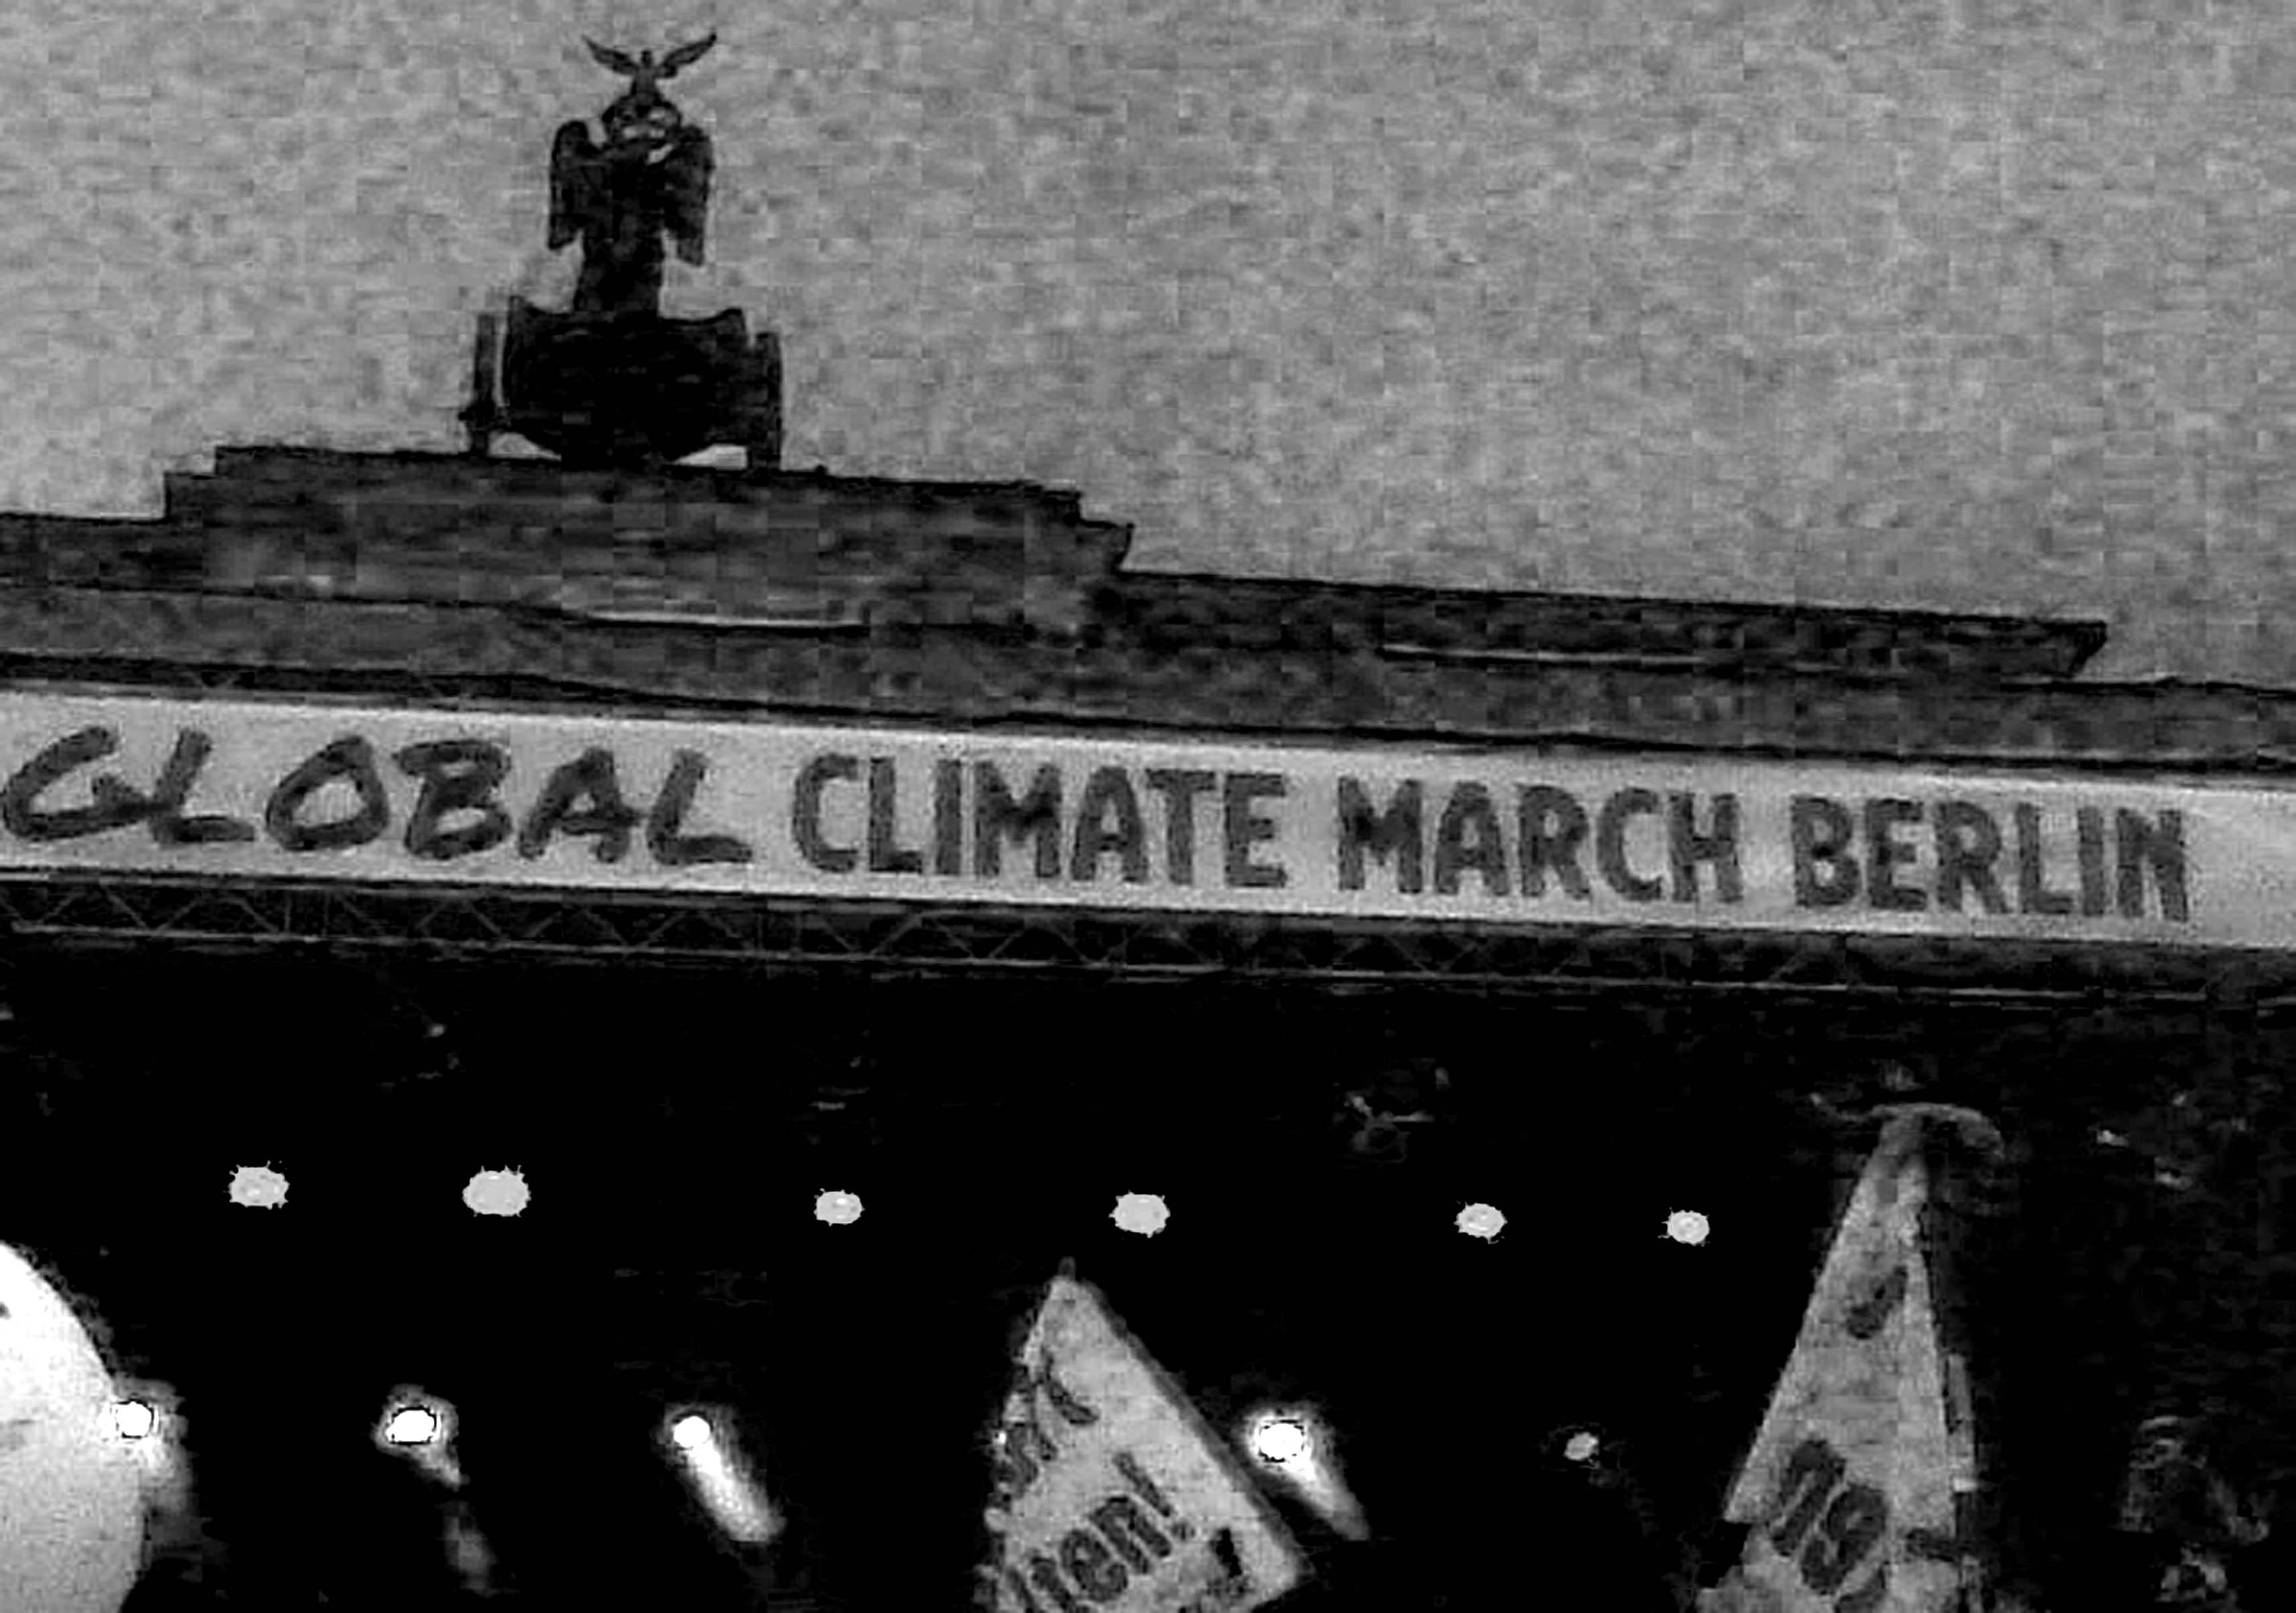 GLOBAL_CLIMATE_MARCH_BERLIN_Enza Granato